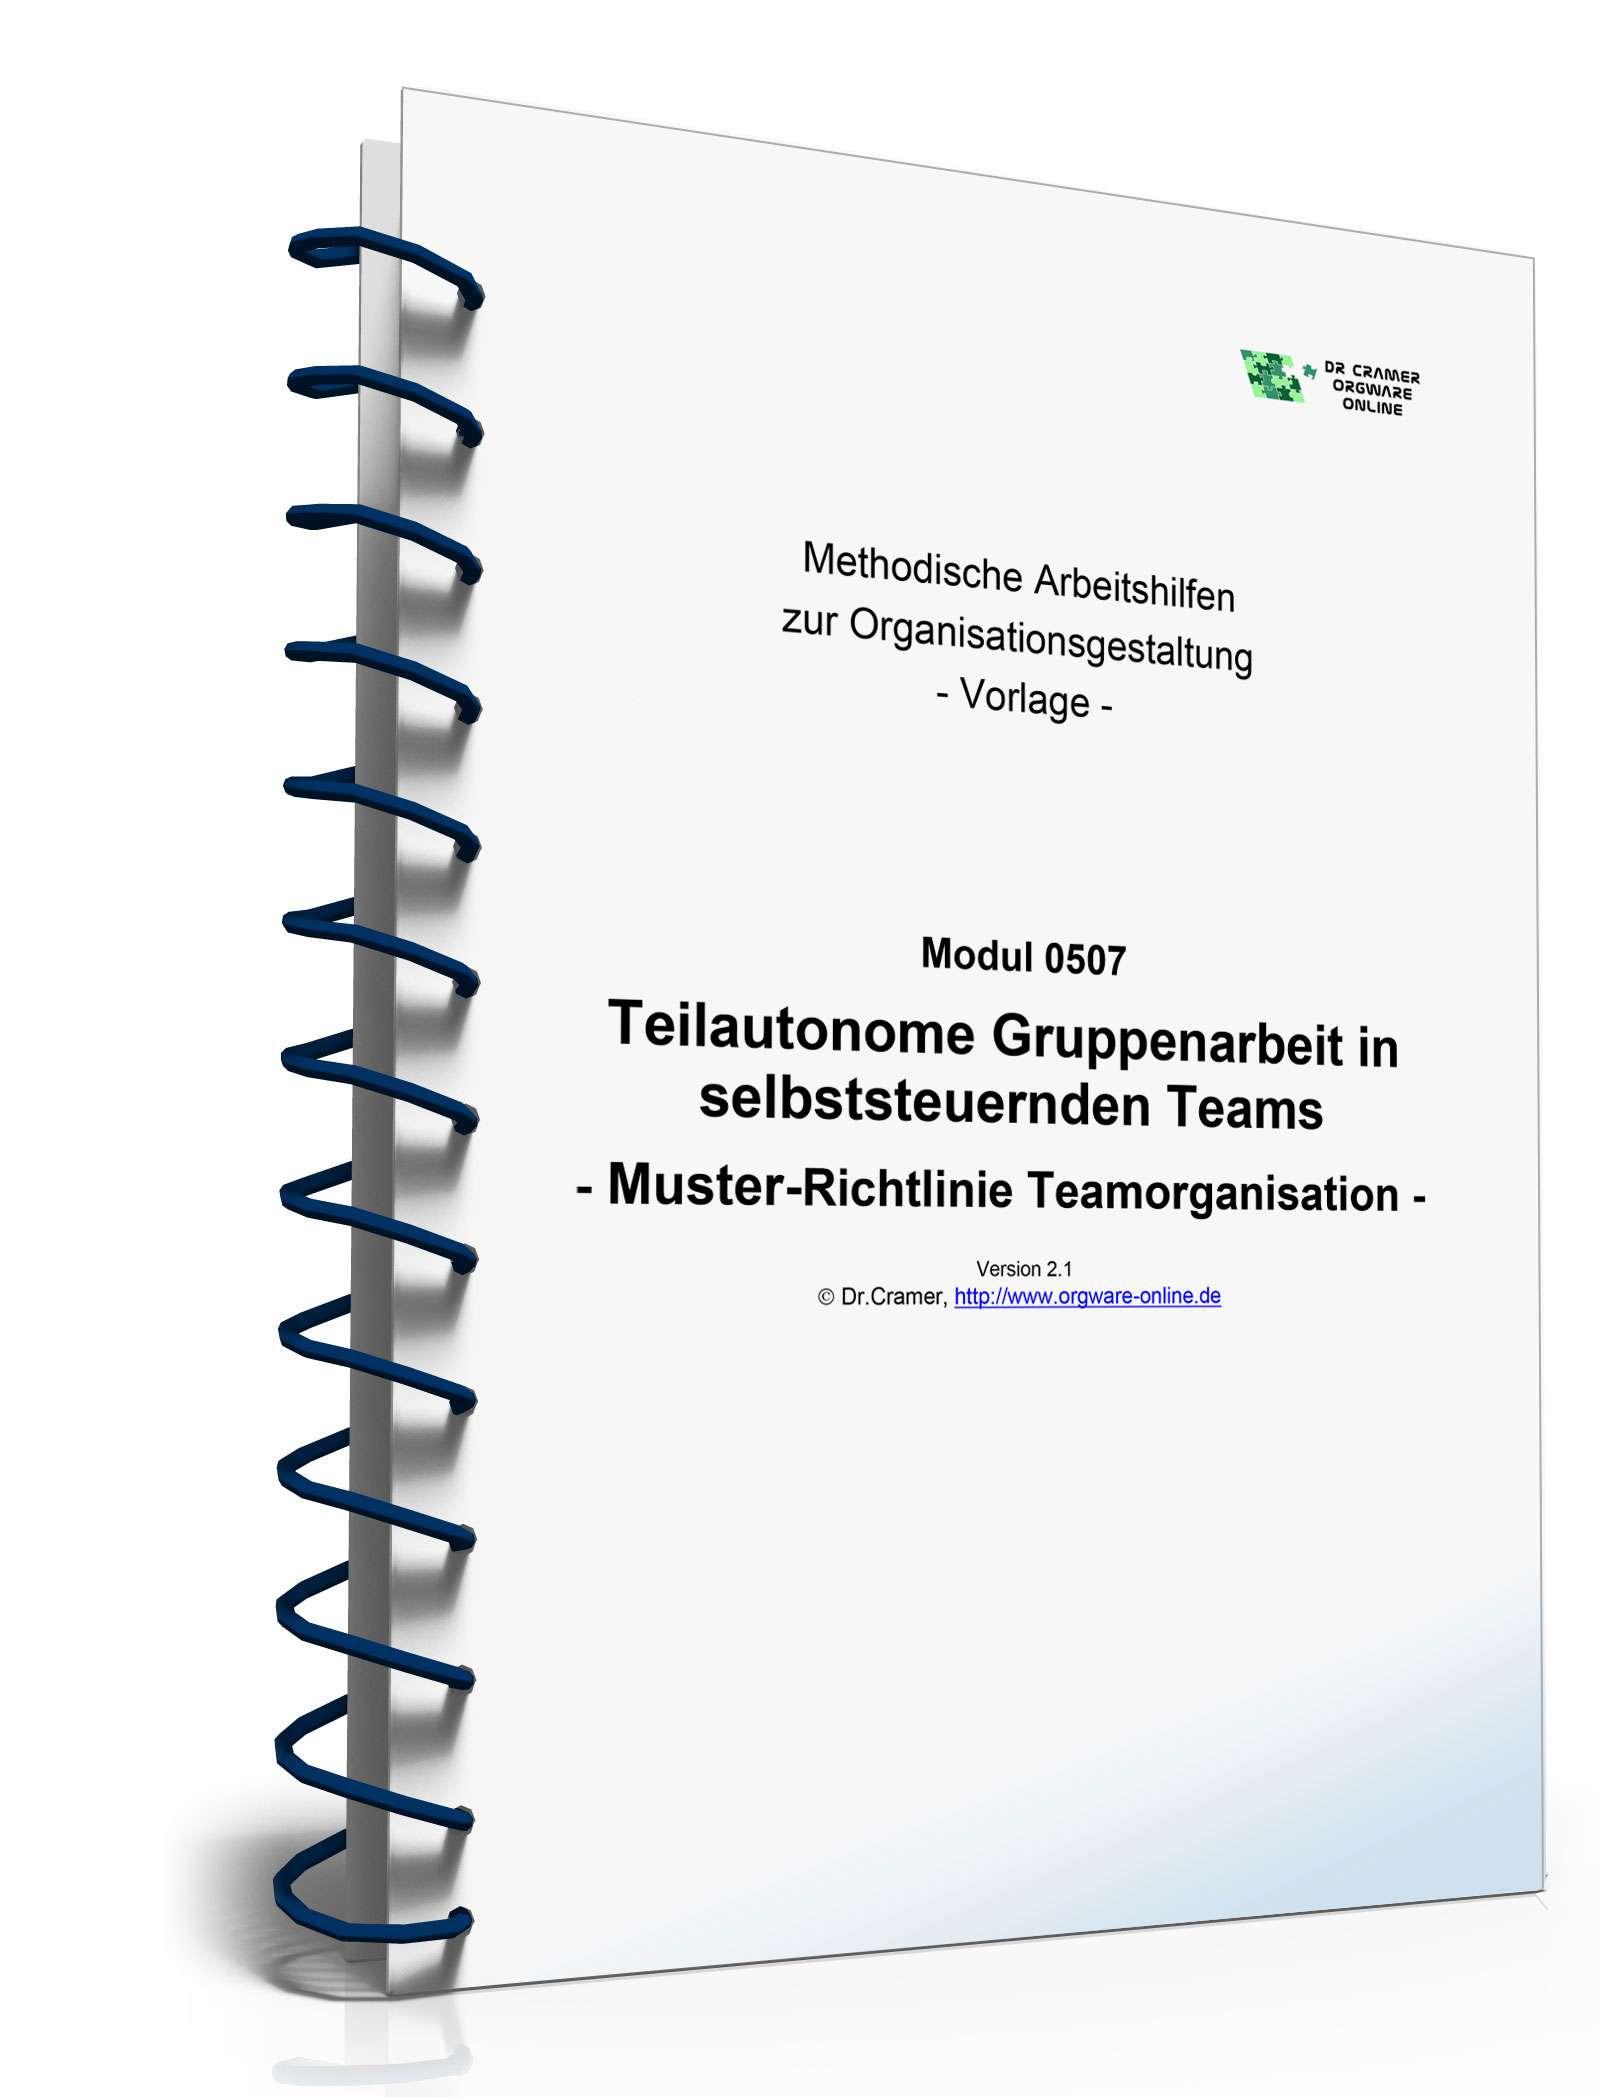 Teilautonome Gruppenarbeit in selbststeuernden Teams - Vorlage zum ...